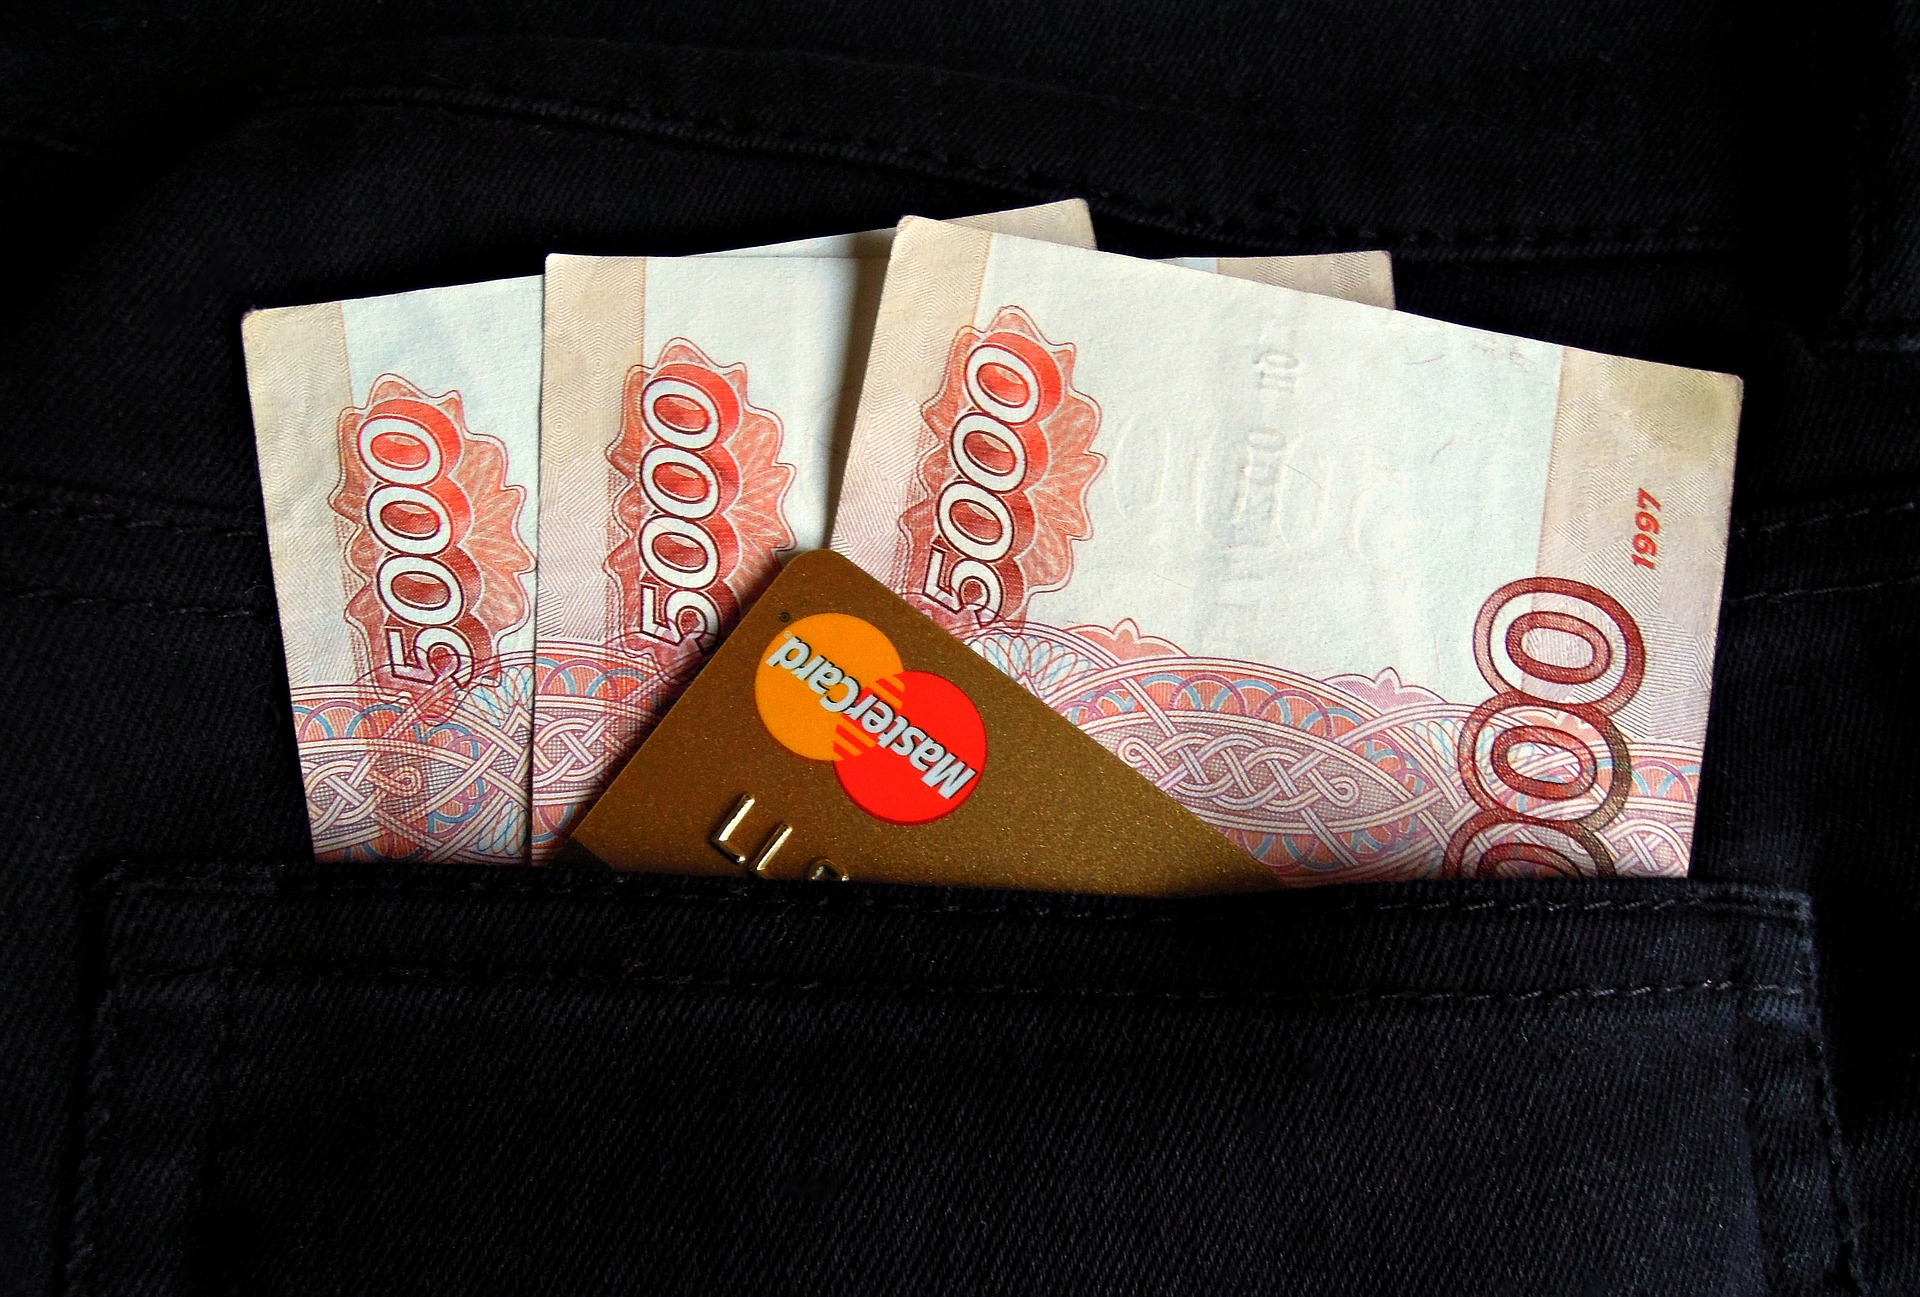 Динамика кредитной просрочки в Новосибирской области вновь изменилась